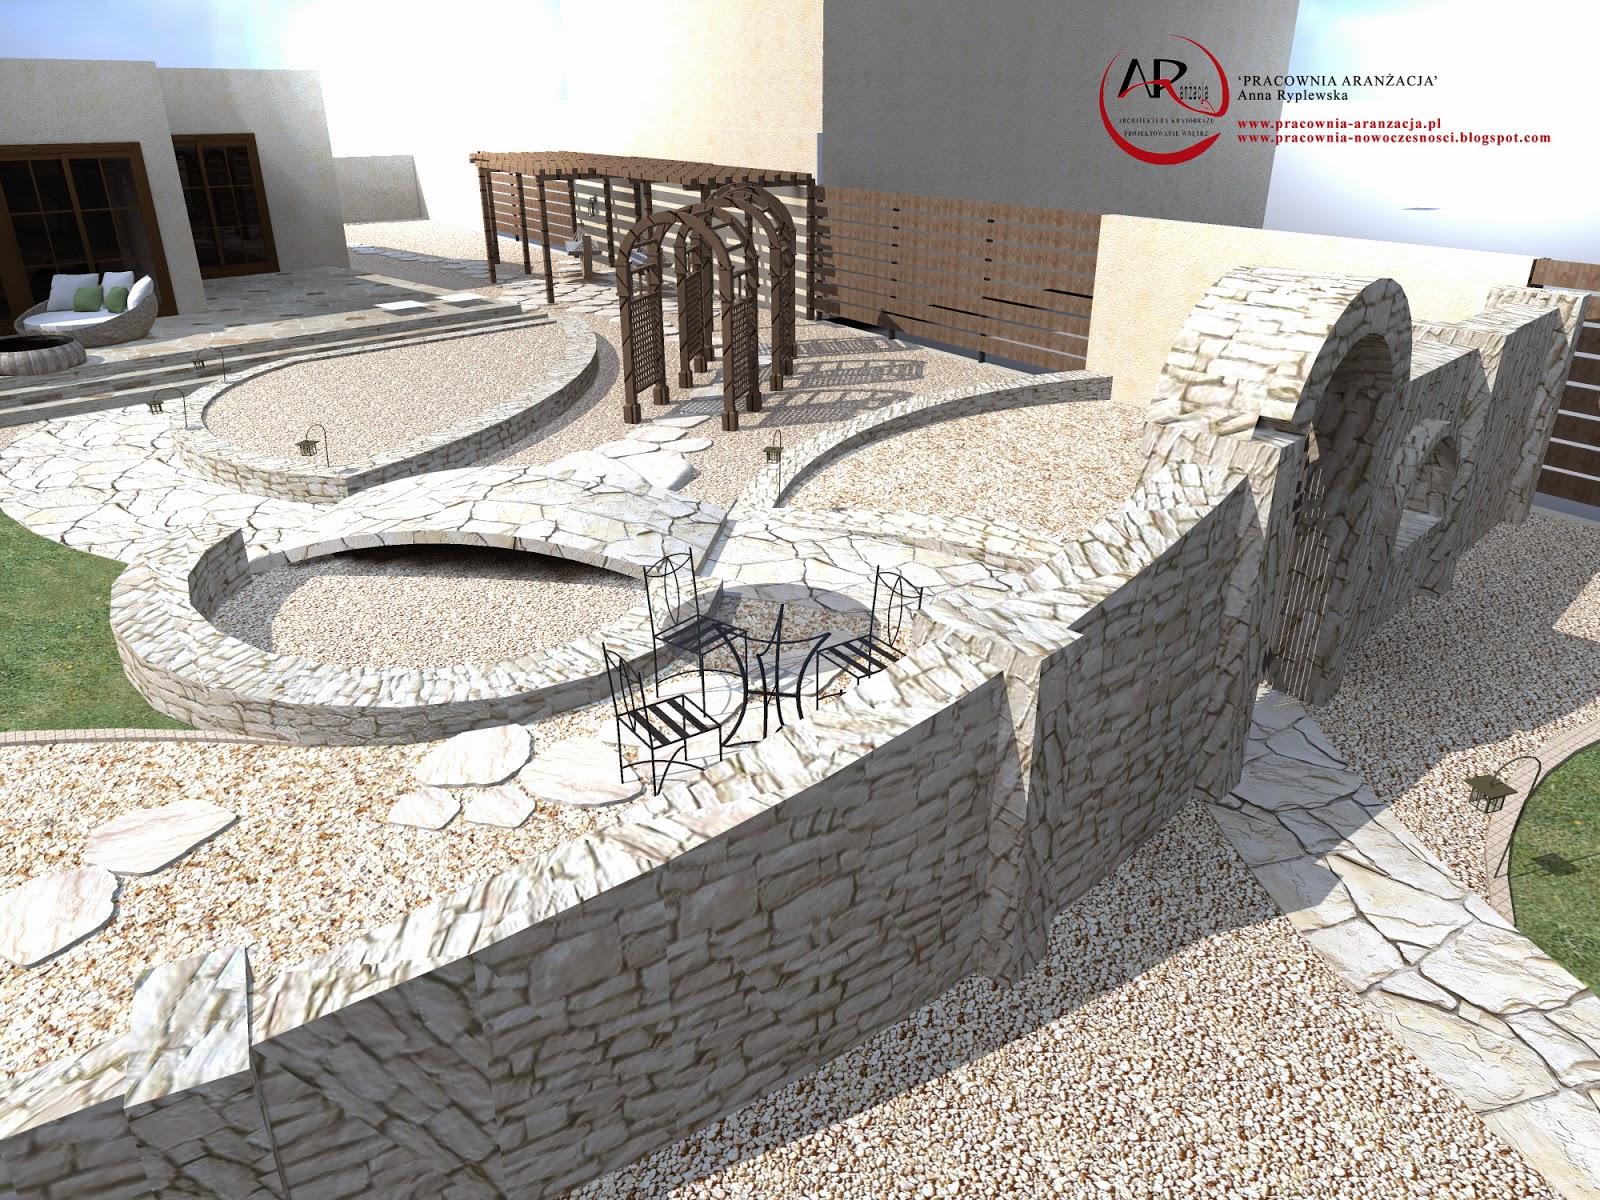 mur z wapienia